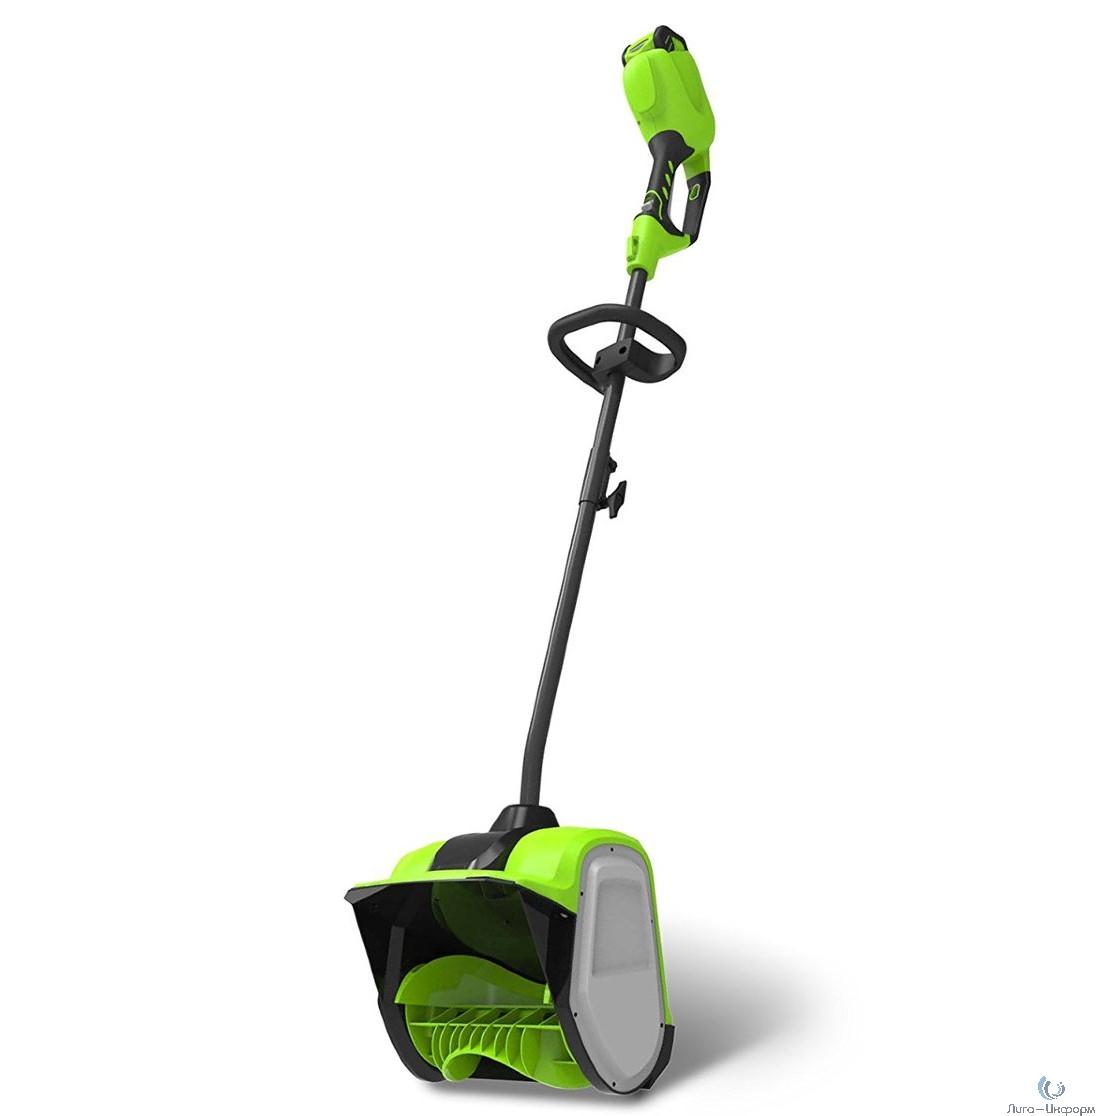 Greenworks Снегоуборщик аккумуляторный G40SS30, {40V, 30 см, бесщеточный, без АКБ и ЗУ} [2600807]